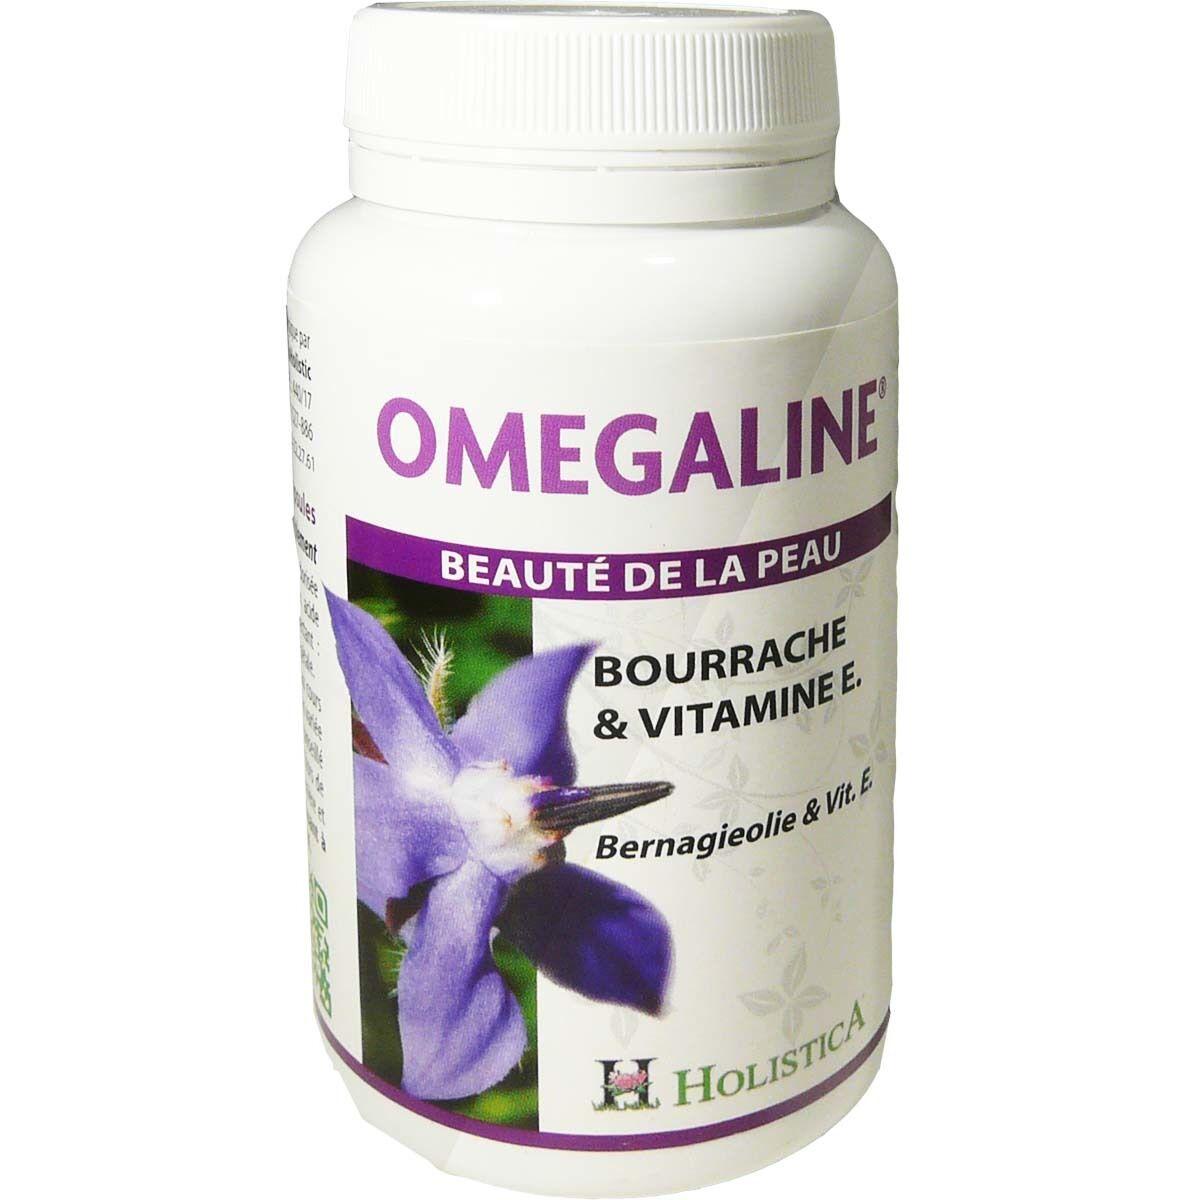 Holistica omegaline beaute de la peaux bourrache et vitamine e 120 capsules